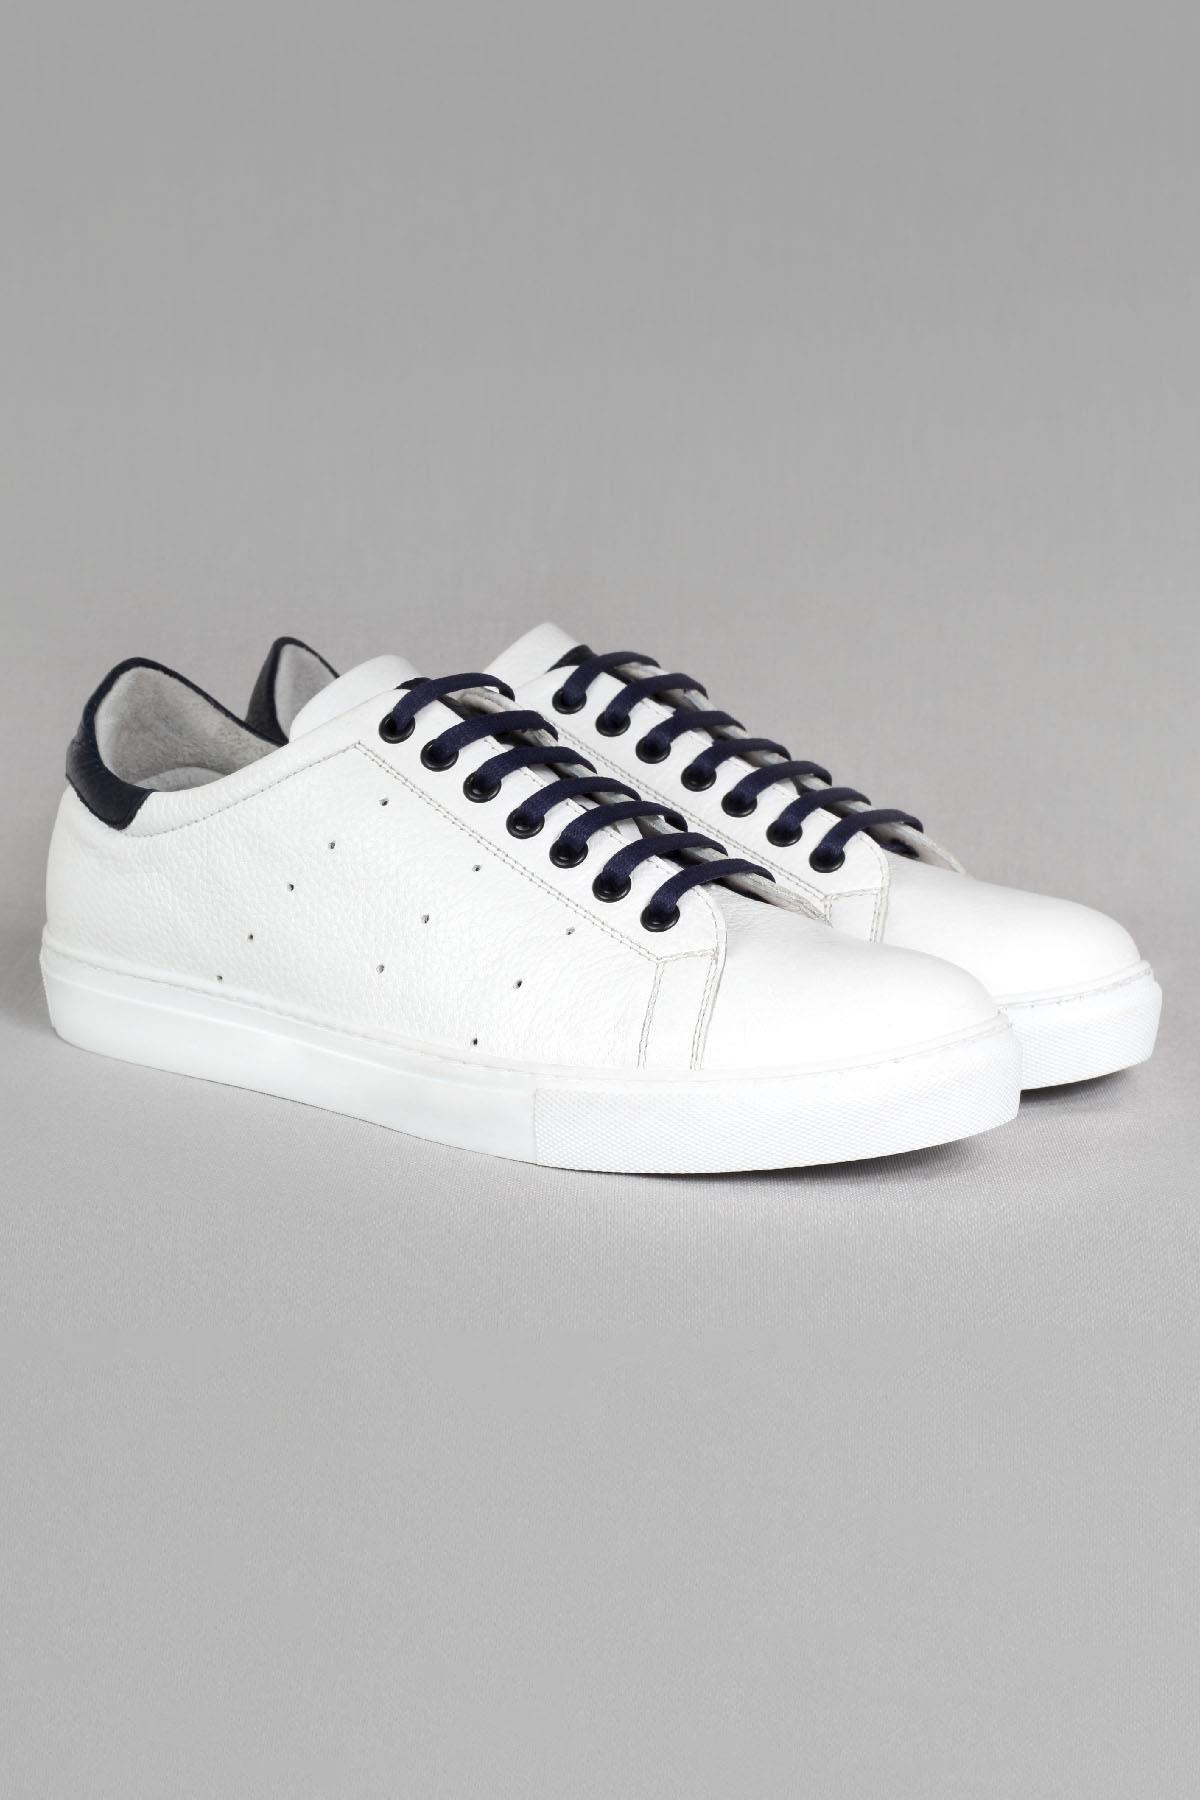 Buyuksun Hakiki Deri Erkek Sneaker Extra Pedleme Spor Ayakkabı 36.173.03